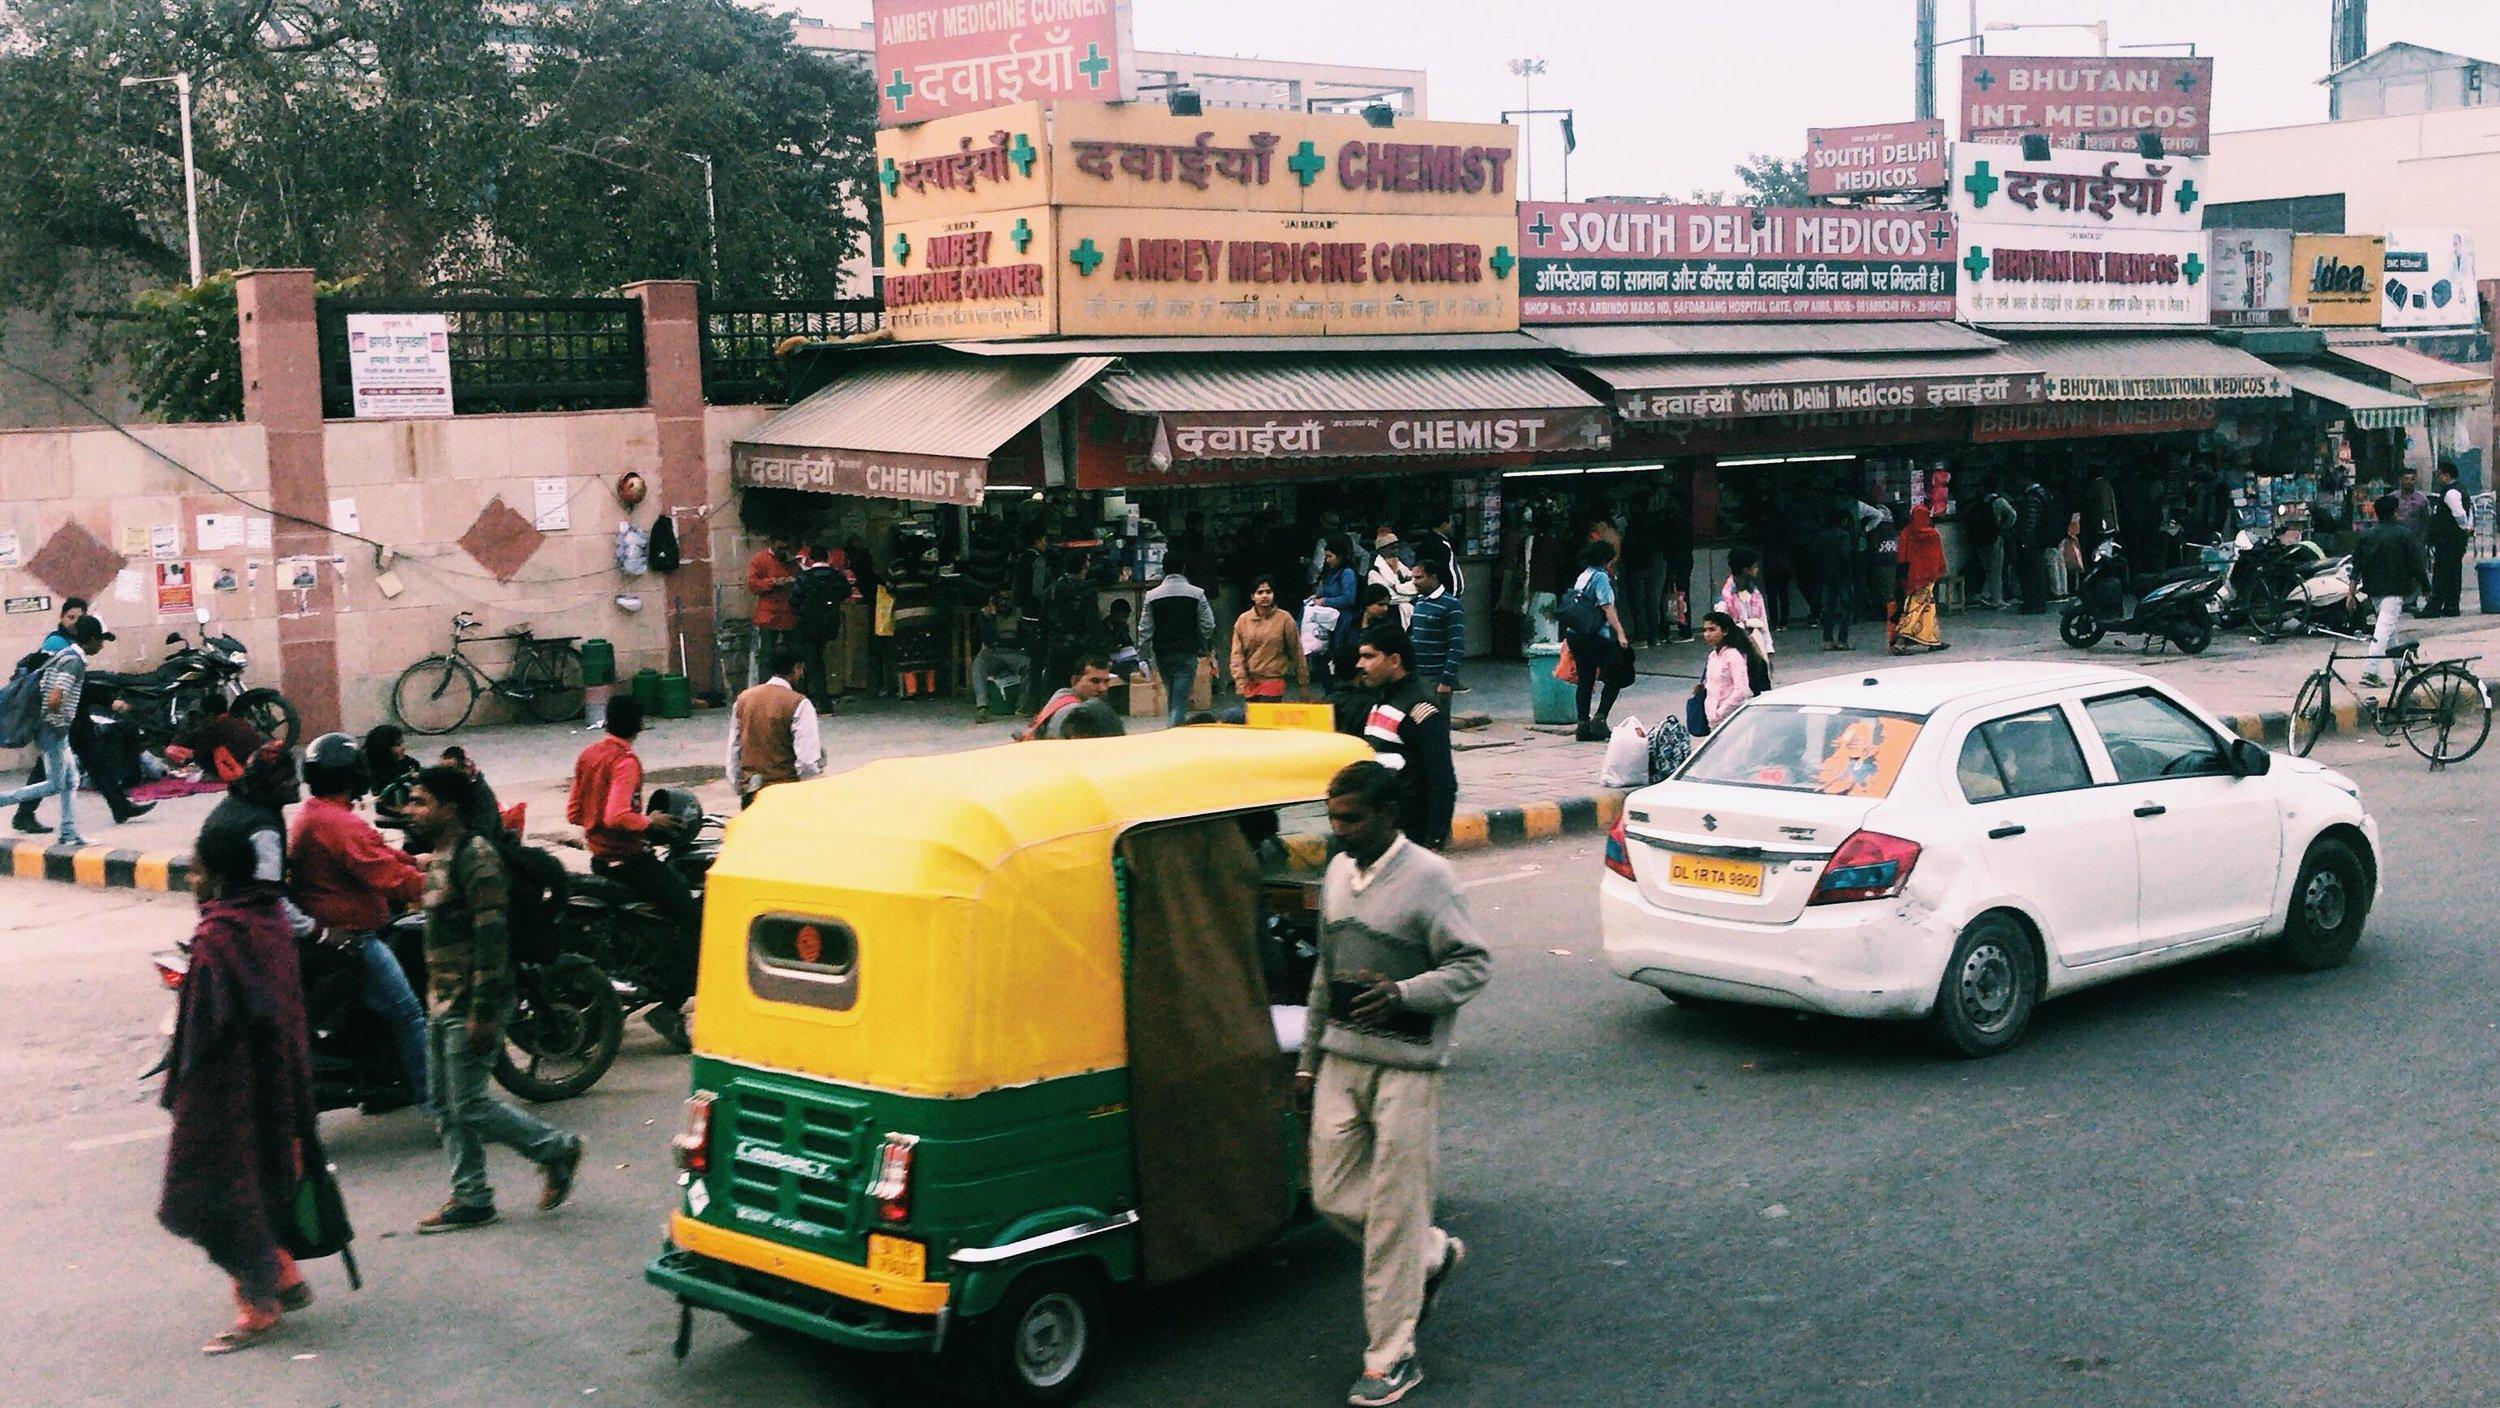 A busy street in South Delhi. Photo courtesy:  Ishana Sahabir